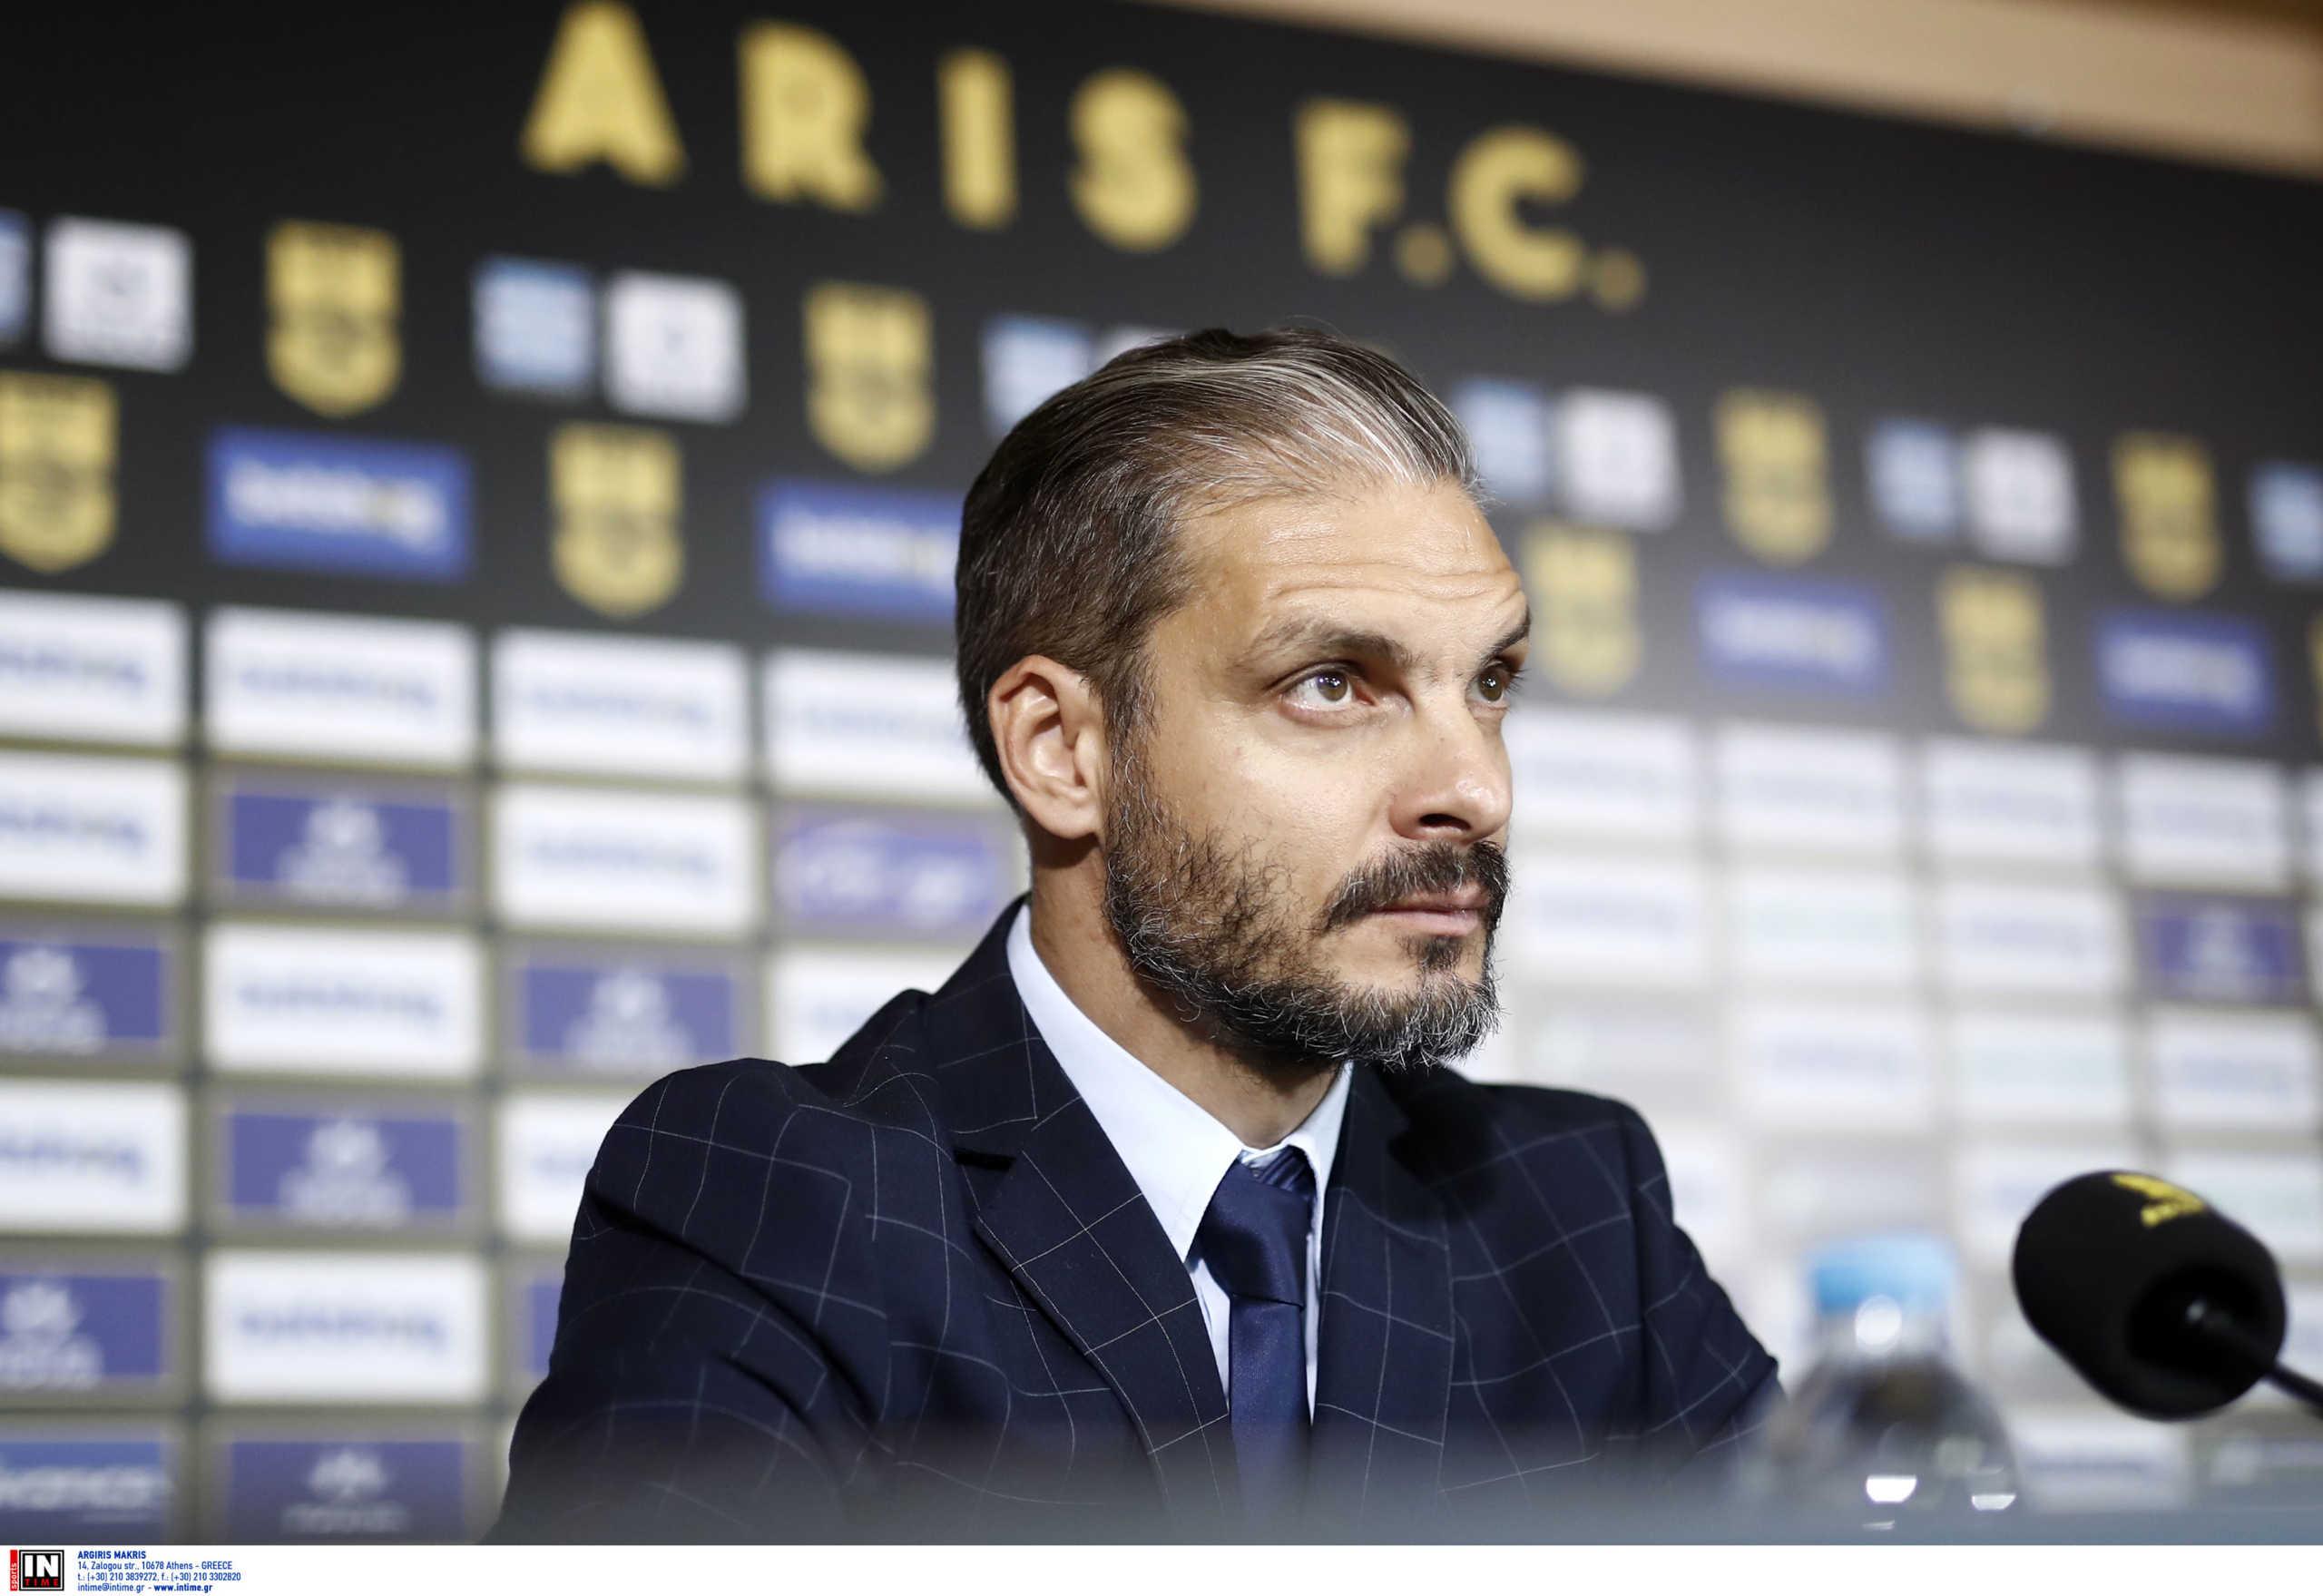 Χαριστέας: «Δέχτηκα κι εγώ κρούση για την ΕΠΟ, UEFA και FIFA θα στηρίξουν Ζαγοράκη»